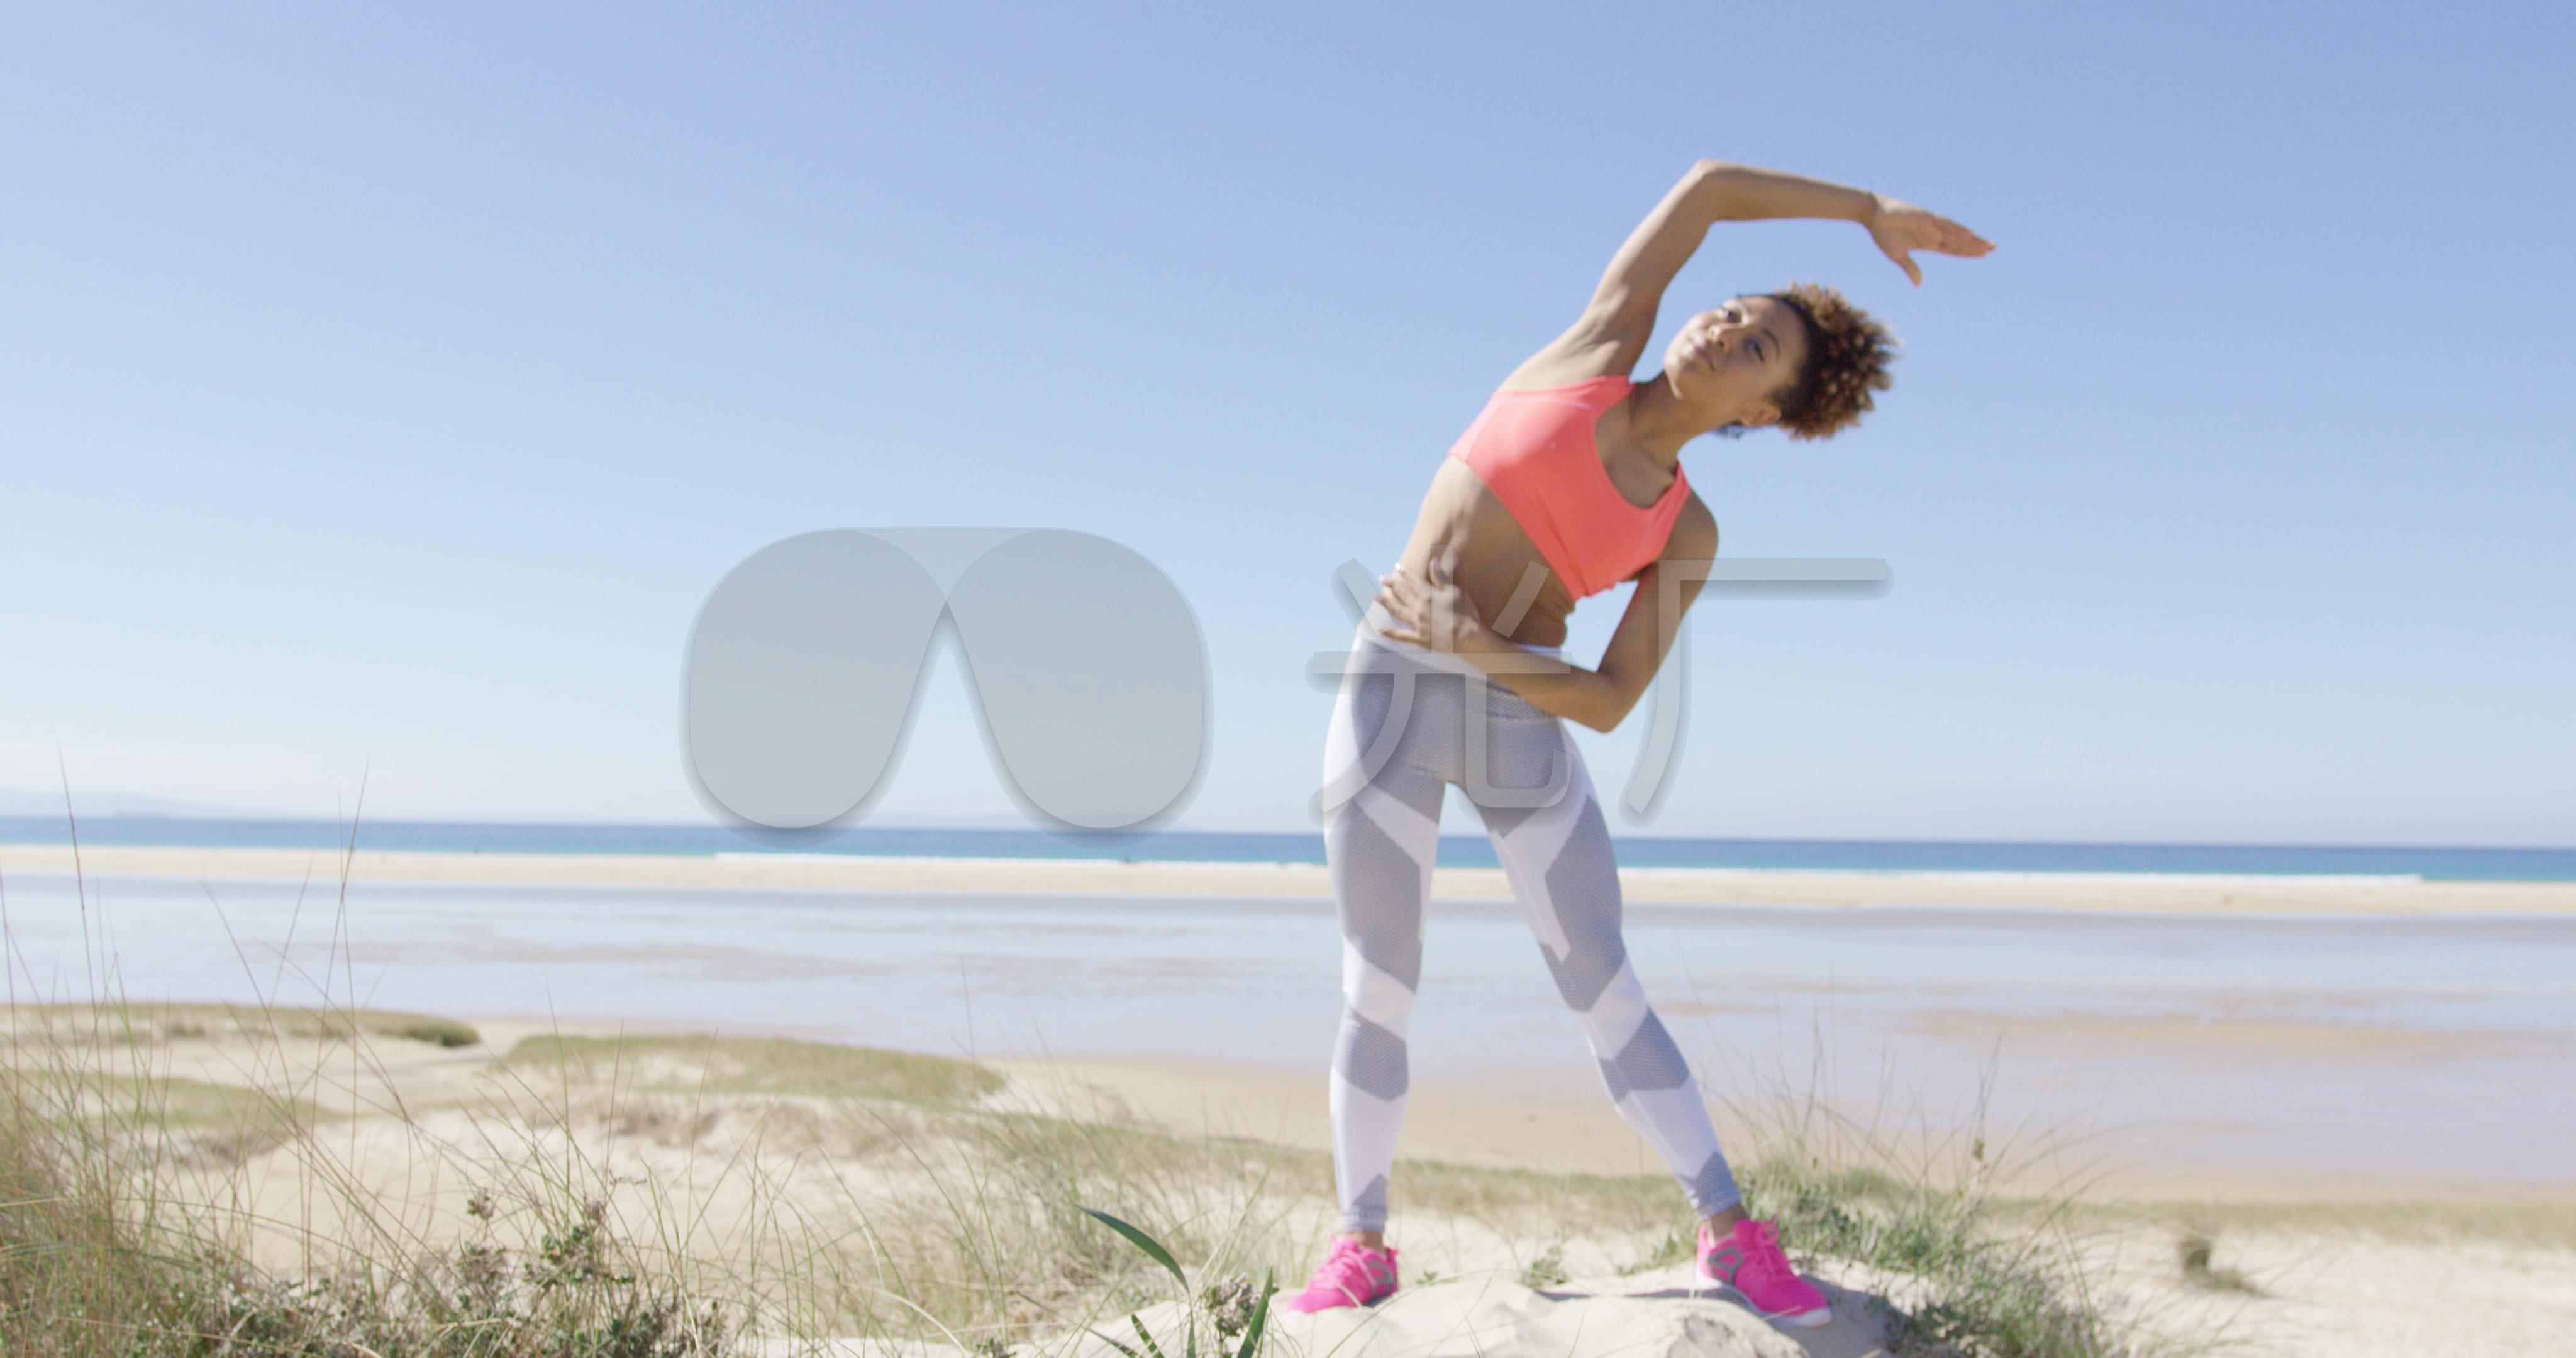 户外瑜伽养生减肥健身_4096x2160_高清视频瘦脸针导致牙出血图片